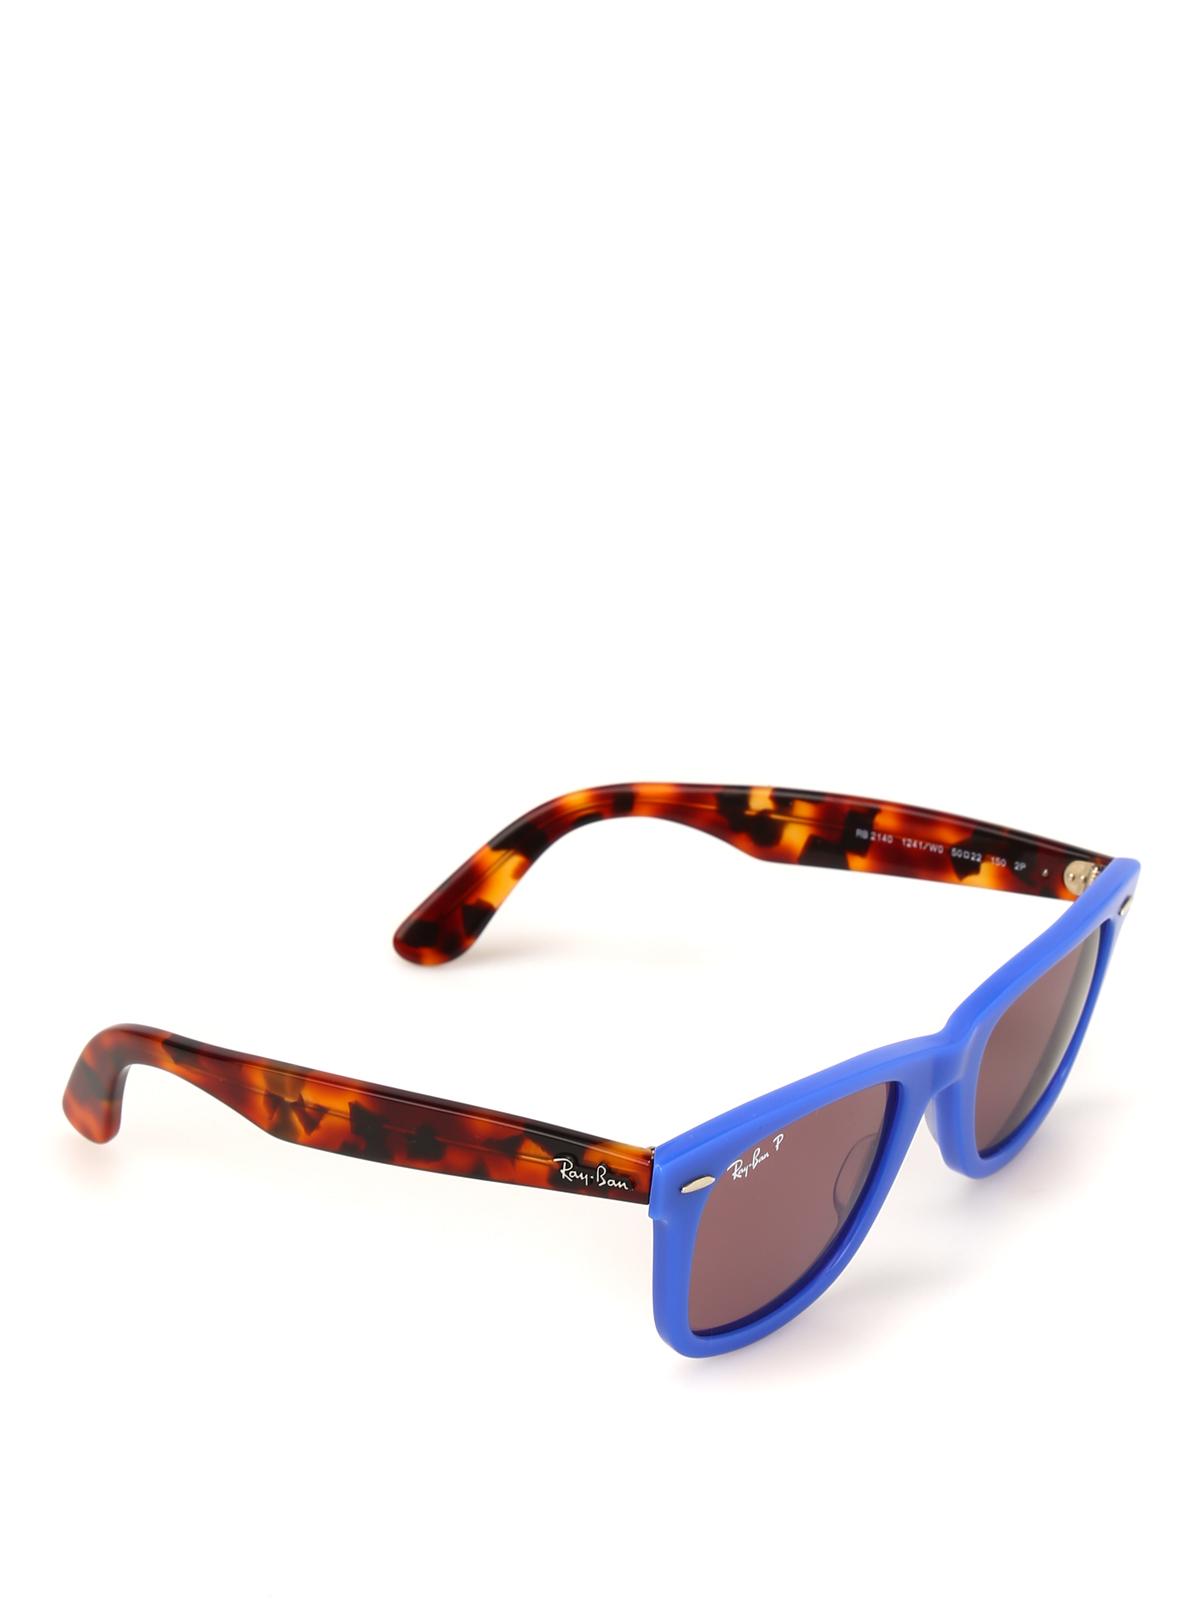 0bb7f0187c Ray Ban - Gafas De Sol - Wayfarer - Gafas de sol - RB21401241W0